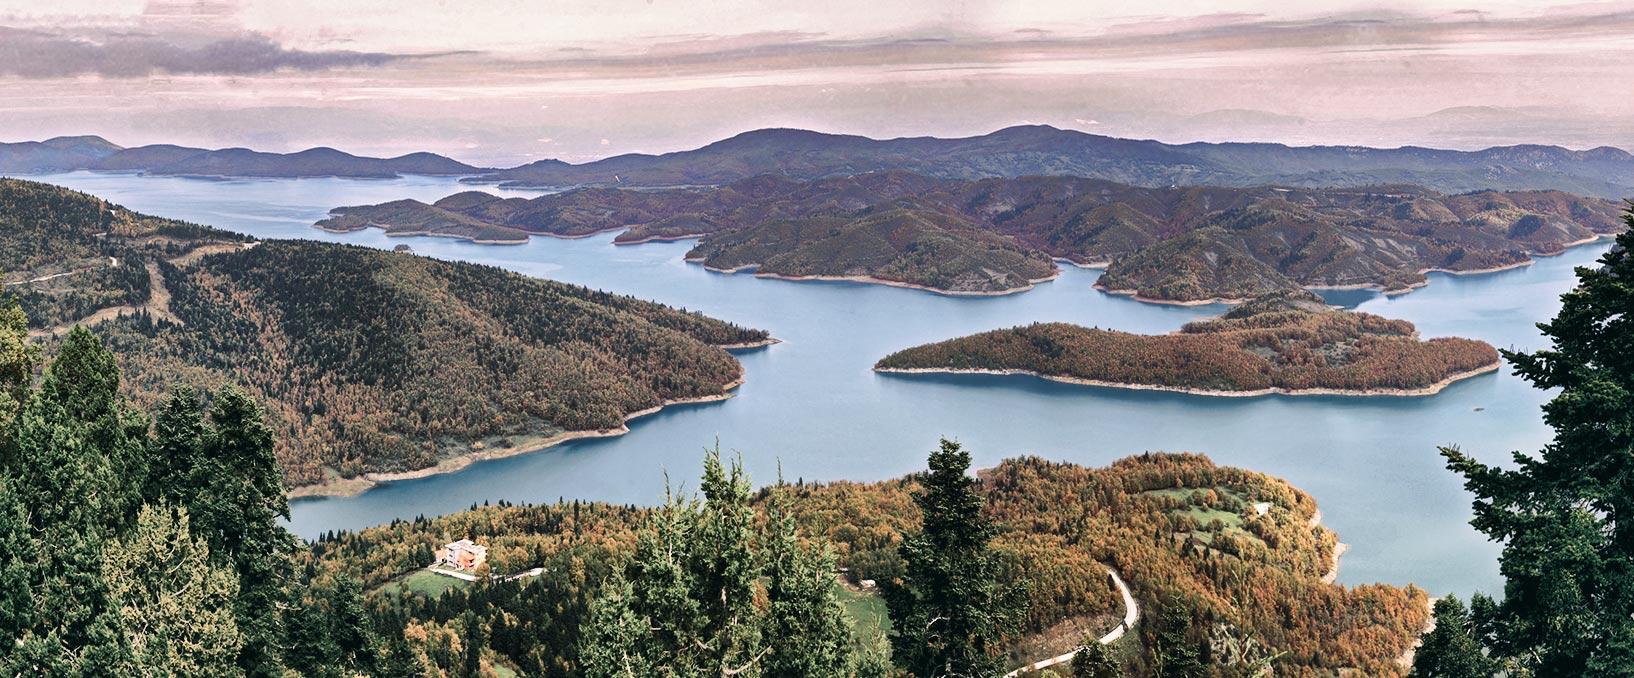 Δήμος Λίμνης Πλαστήρα